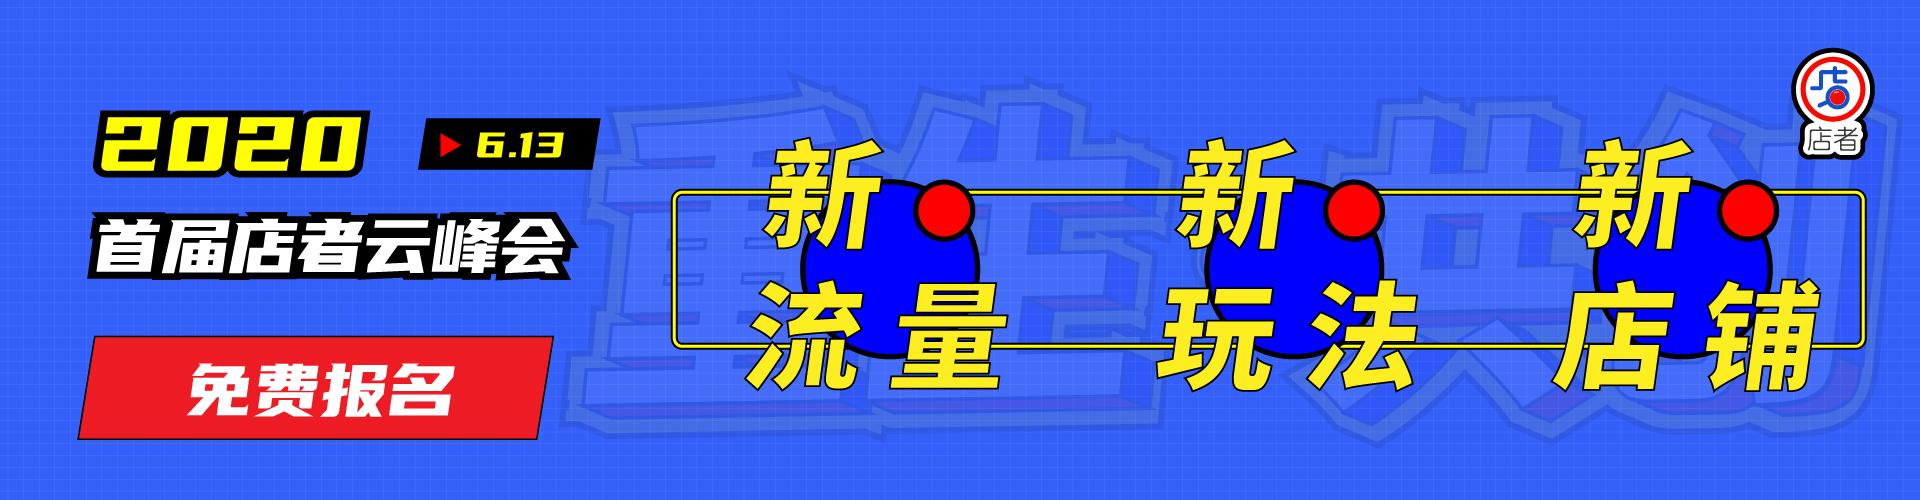 2020首届店者云峰会暨开店服务白皮书发布仪式